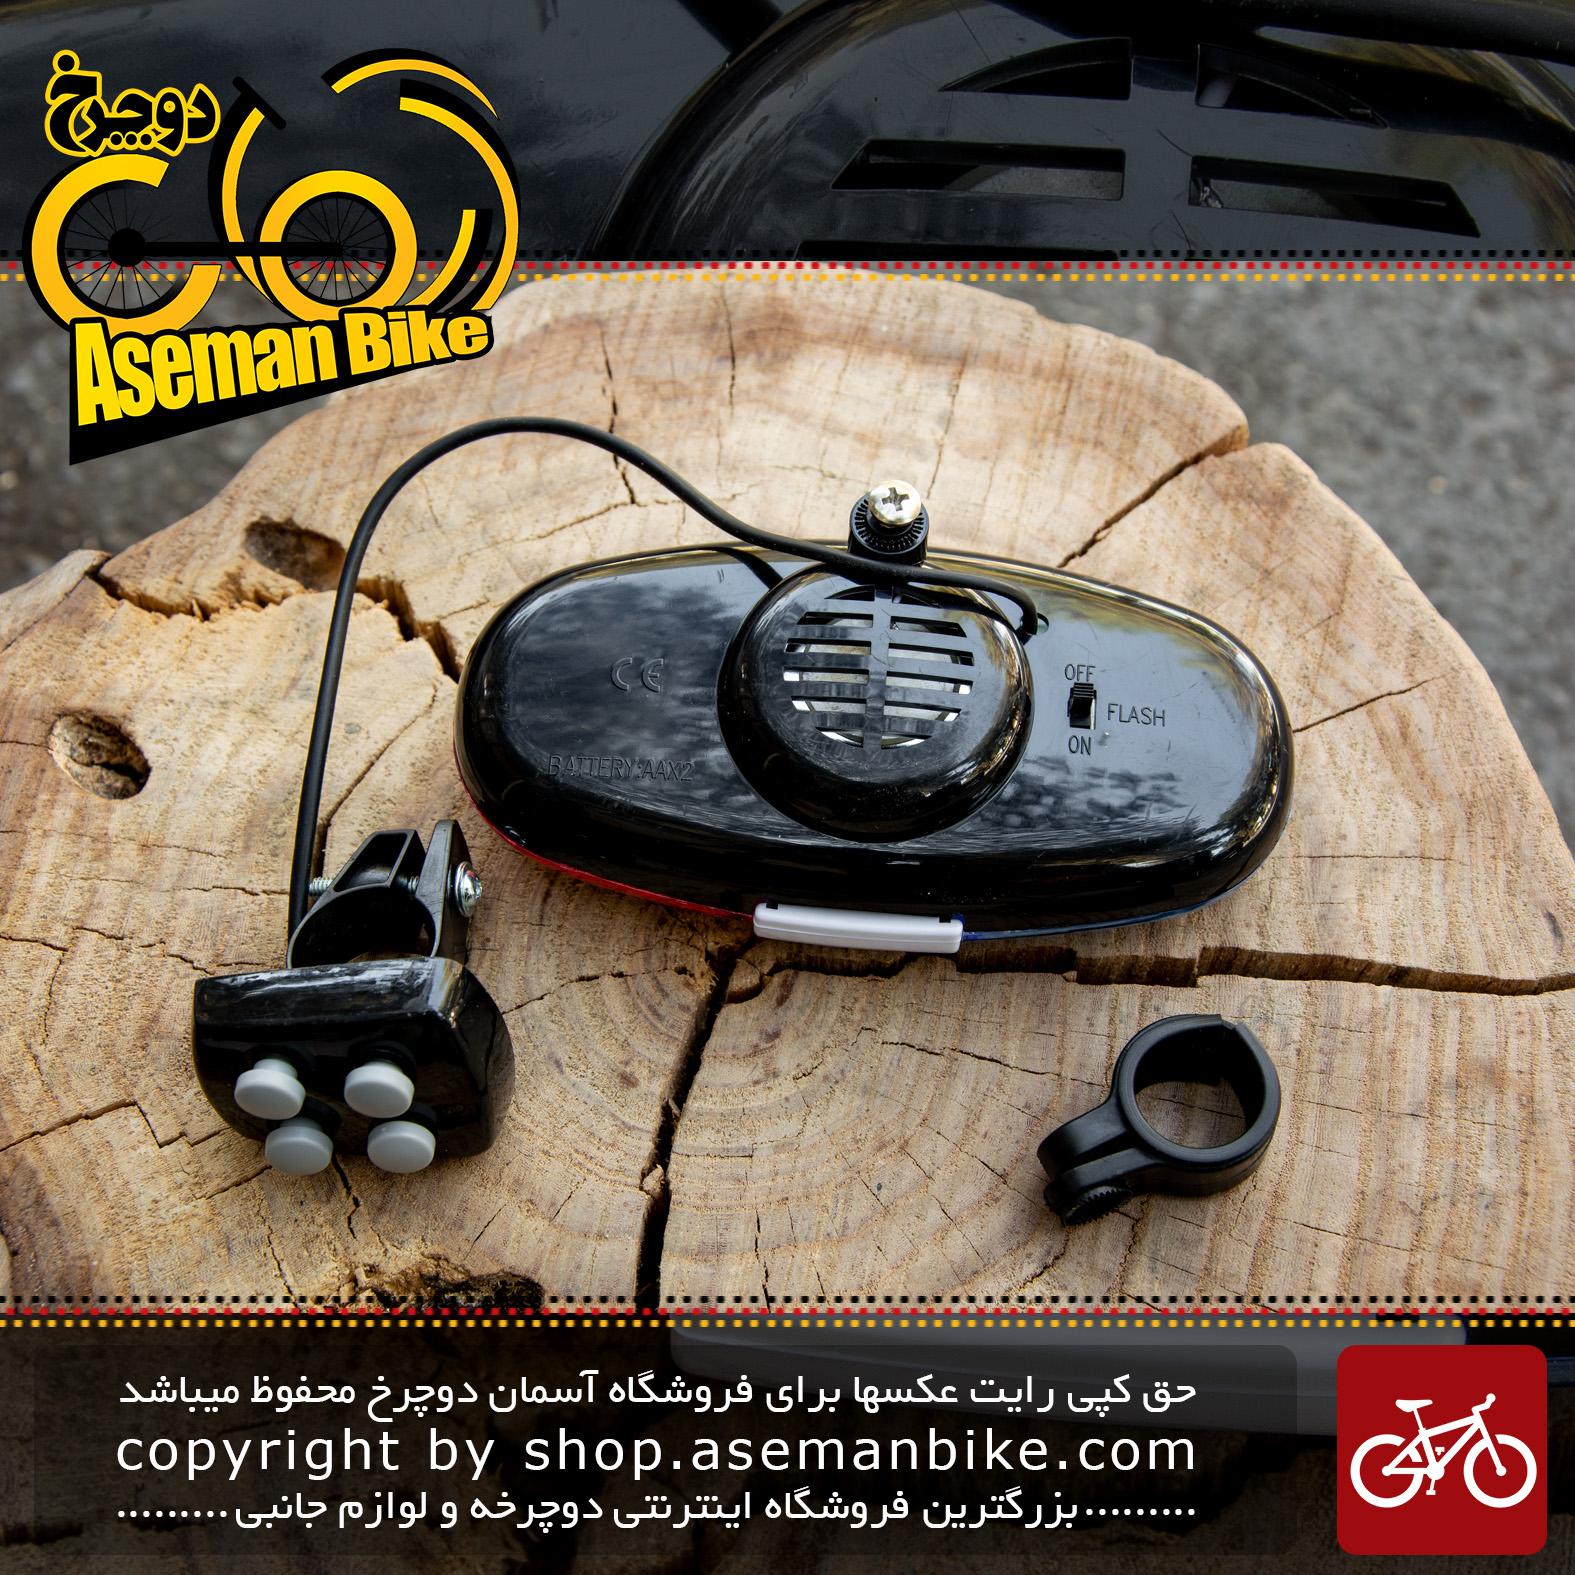 چراغ و آژیر دوچرخه طرح پلیس مدل اس سی پی دی Bicycle Light And Horn Police SCPD